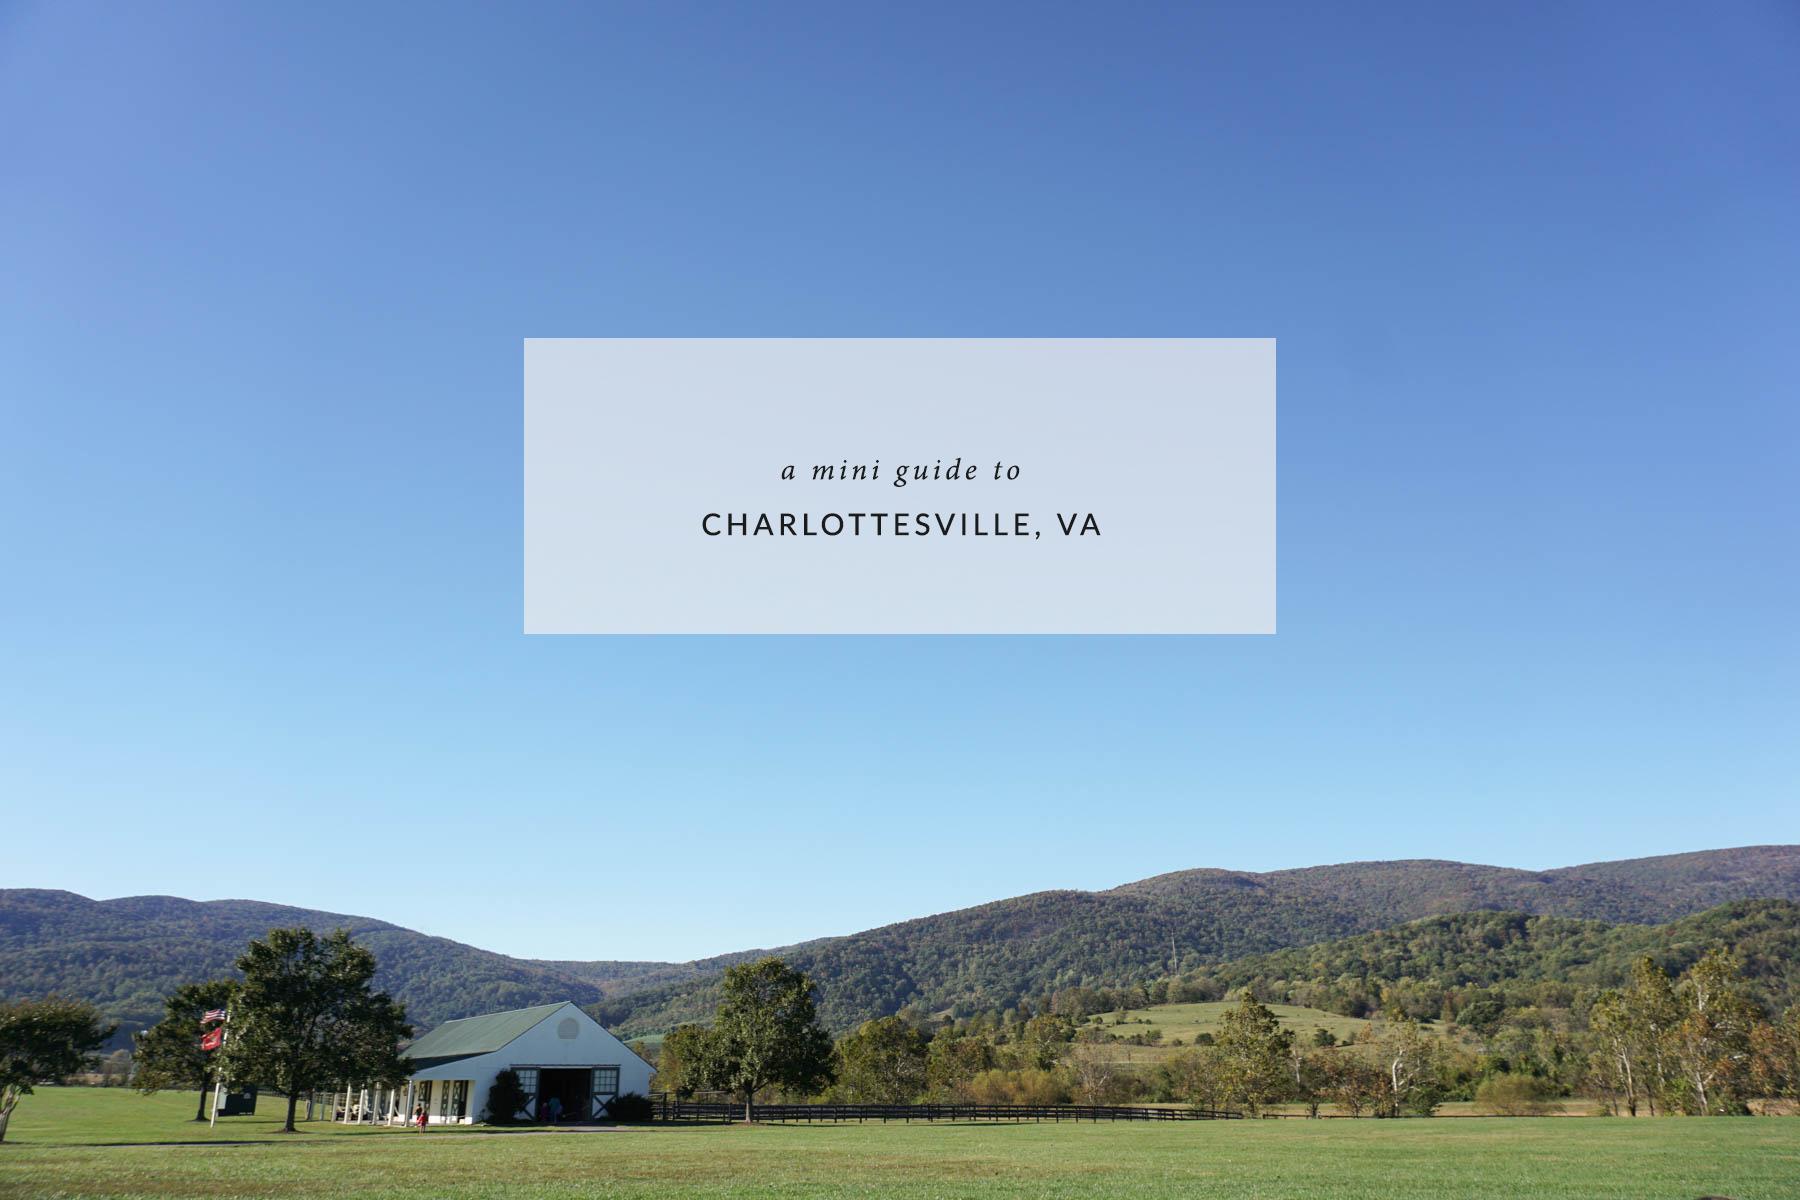 guide-to-charlottesville-va